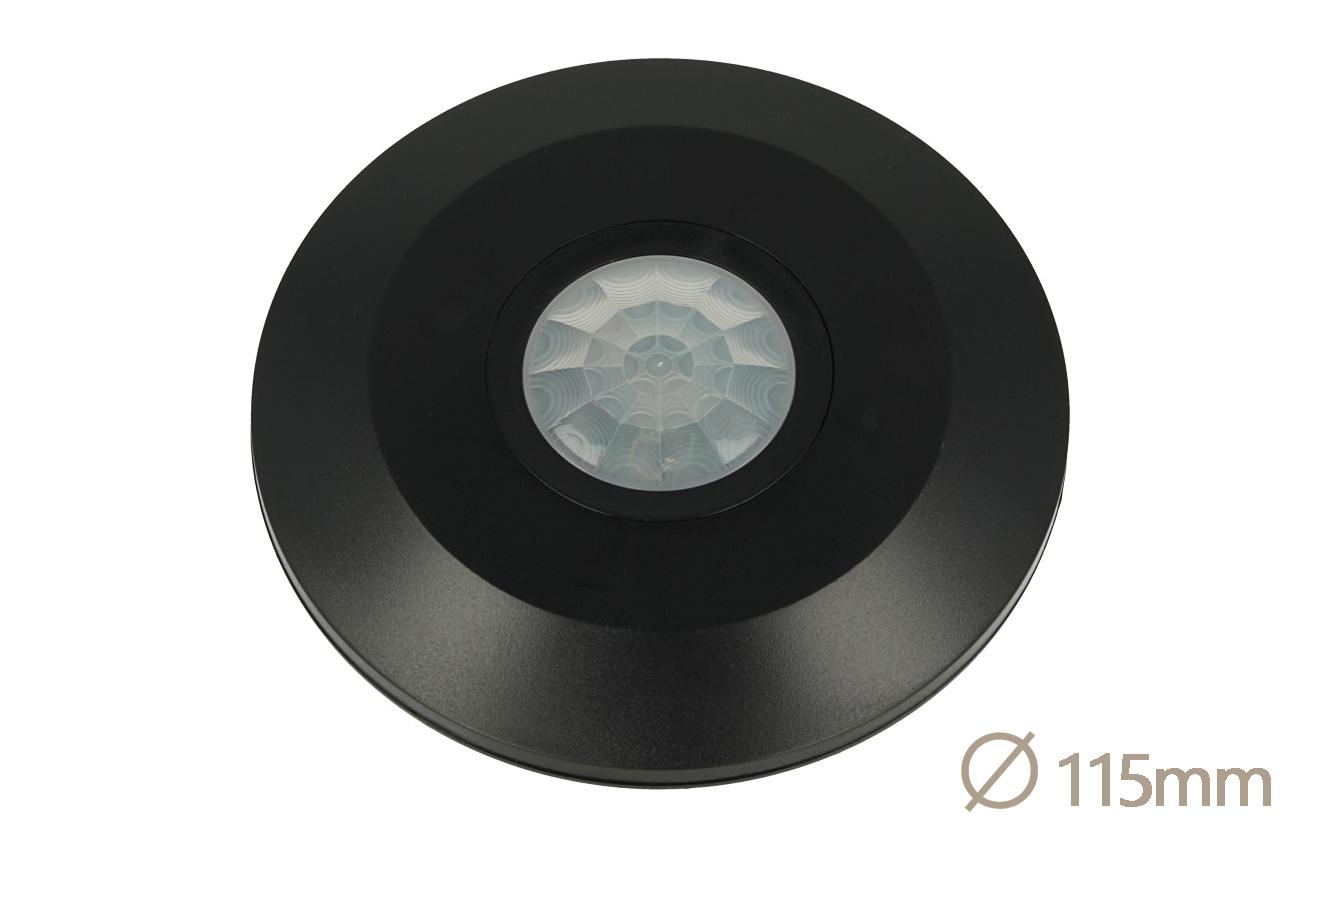 Sensore PIR Movimento e Crepuscolare Timer Da Soffitto Carcassa Nera 220V 360 Gradi SKU-5087 - KIT